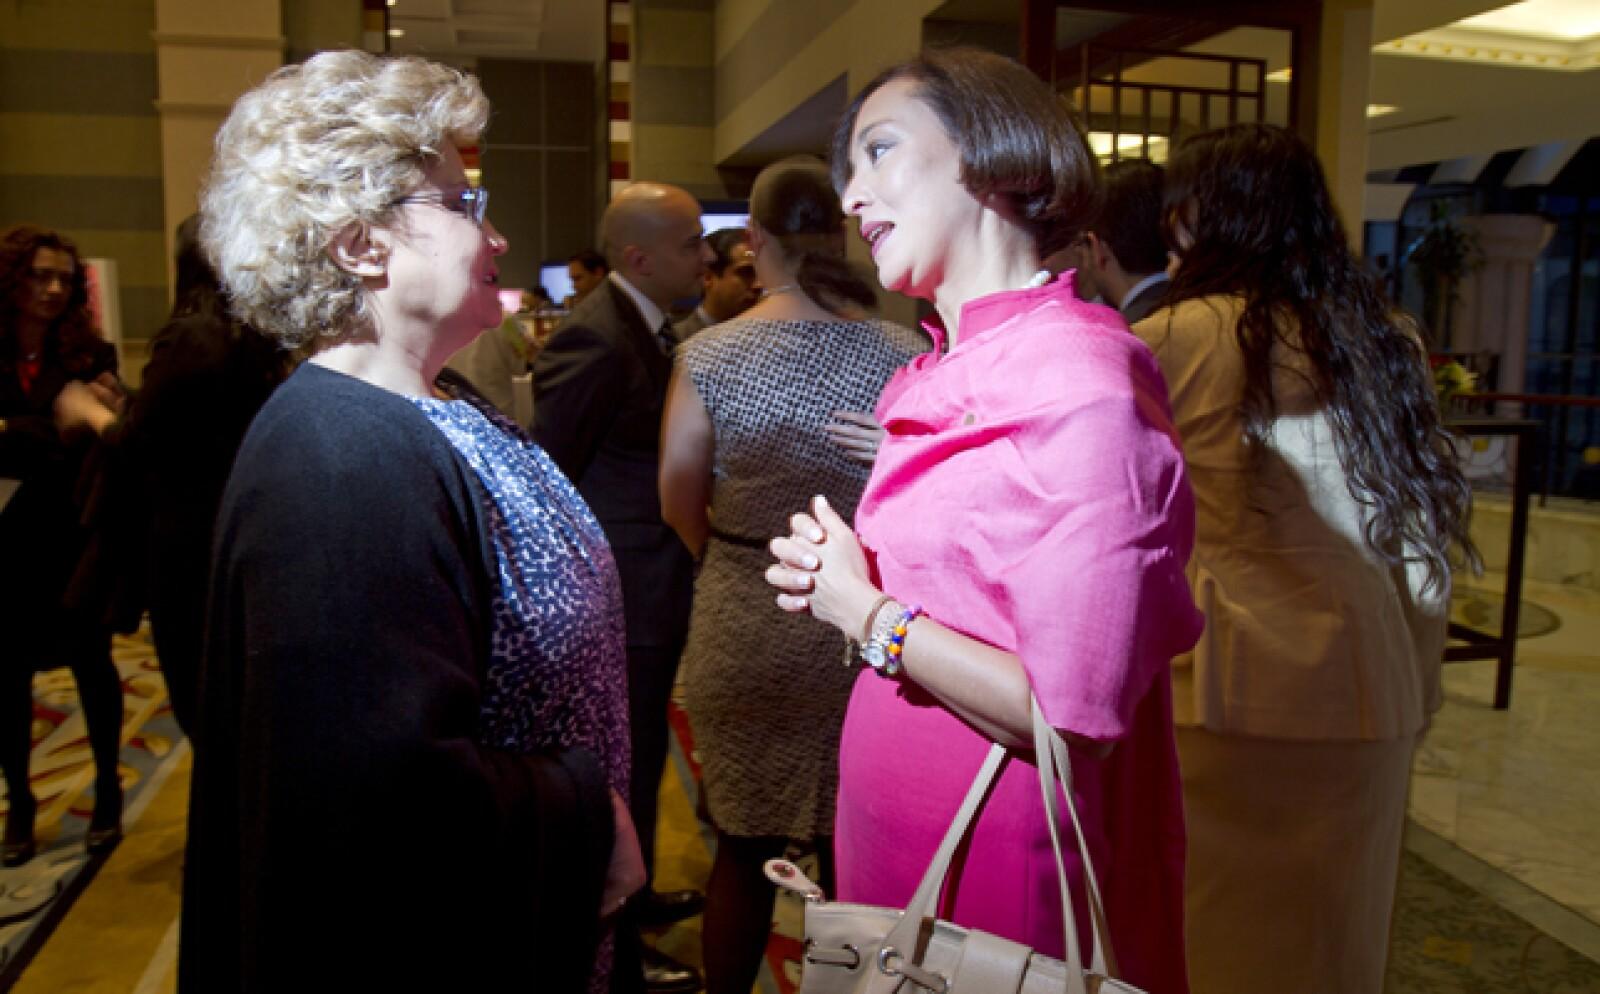 Las ejecutivas que integran el ranking Las 50 mujeres más poderosas de la revista Expansión fueron recibidas por la VP editorial de Grupo Expansión, Rossana Fuentes. En la imagen, con Gabriela Hernández (der.), presidenta de GE y número 5 del listado.